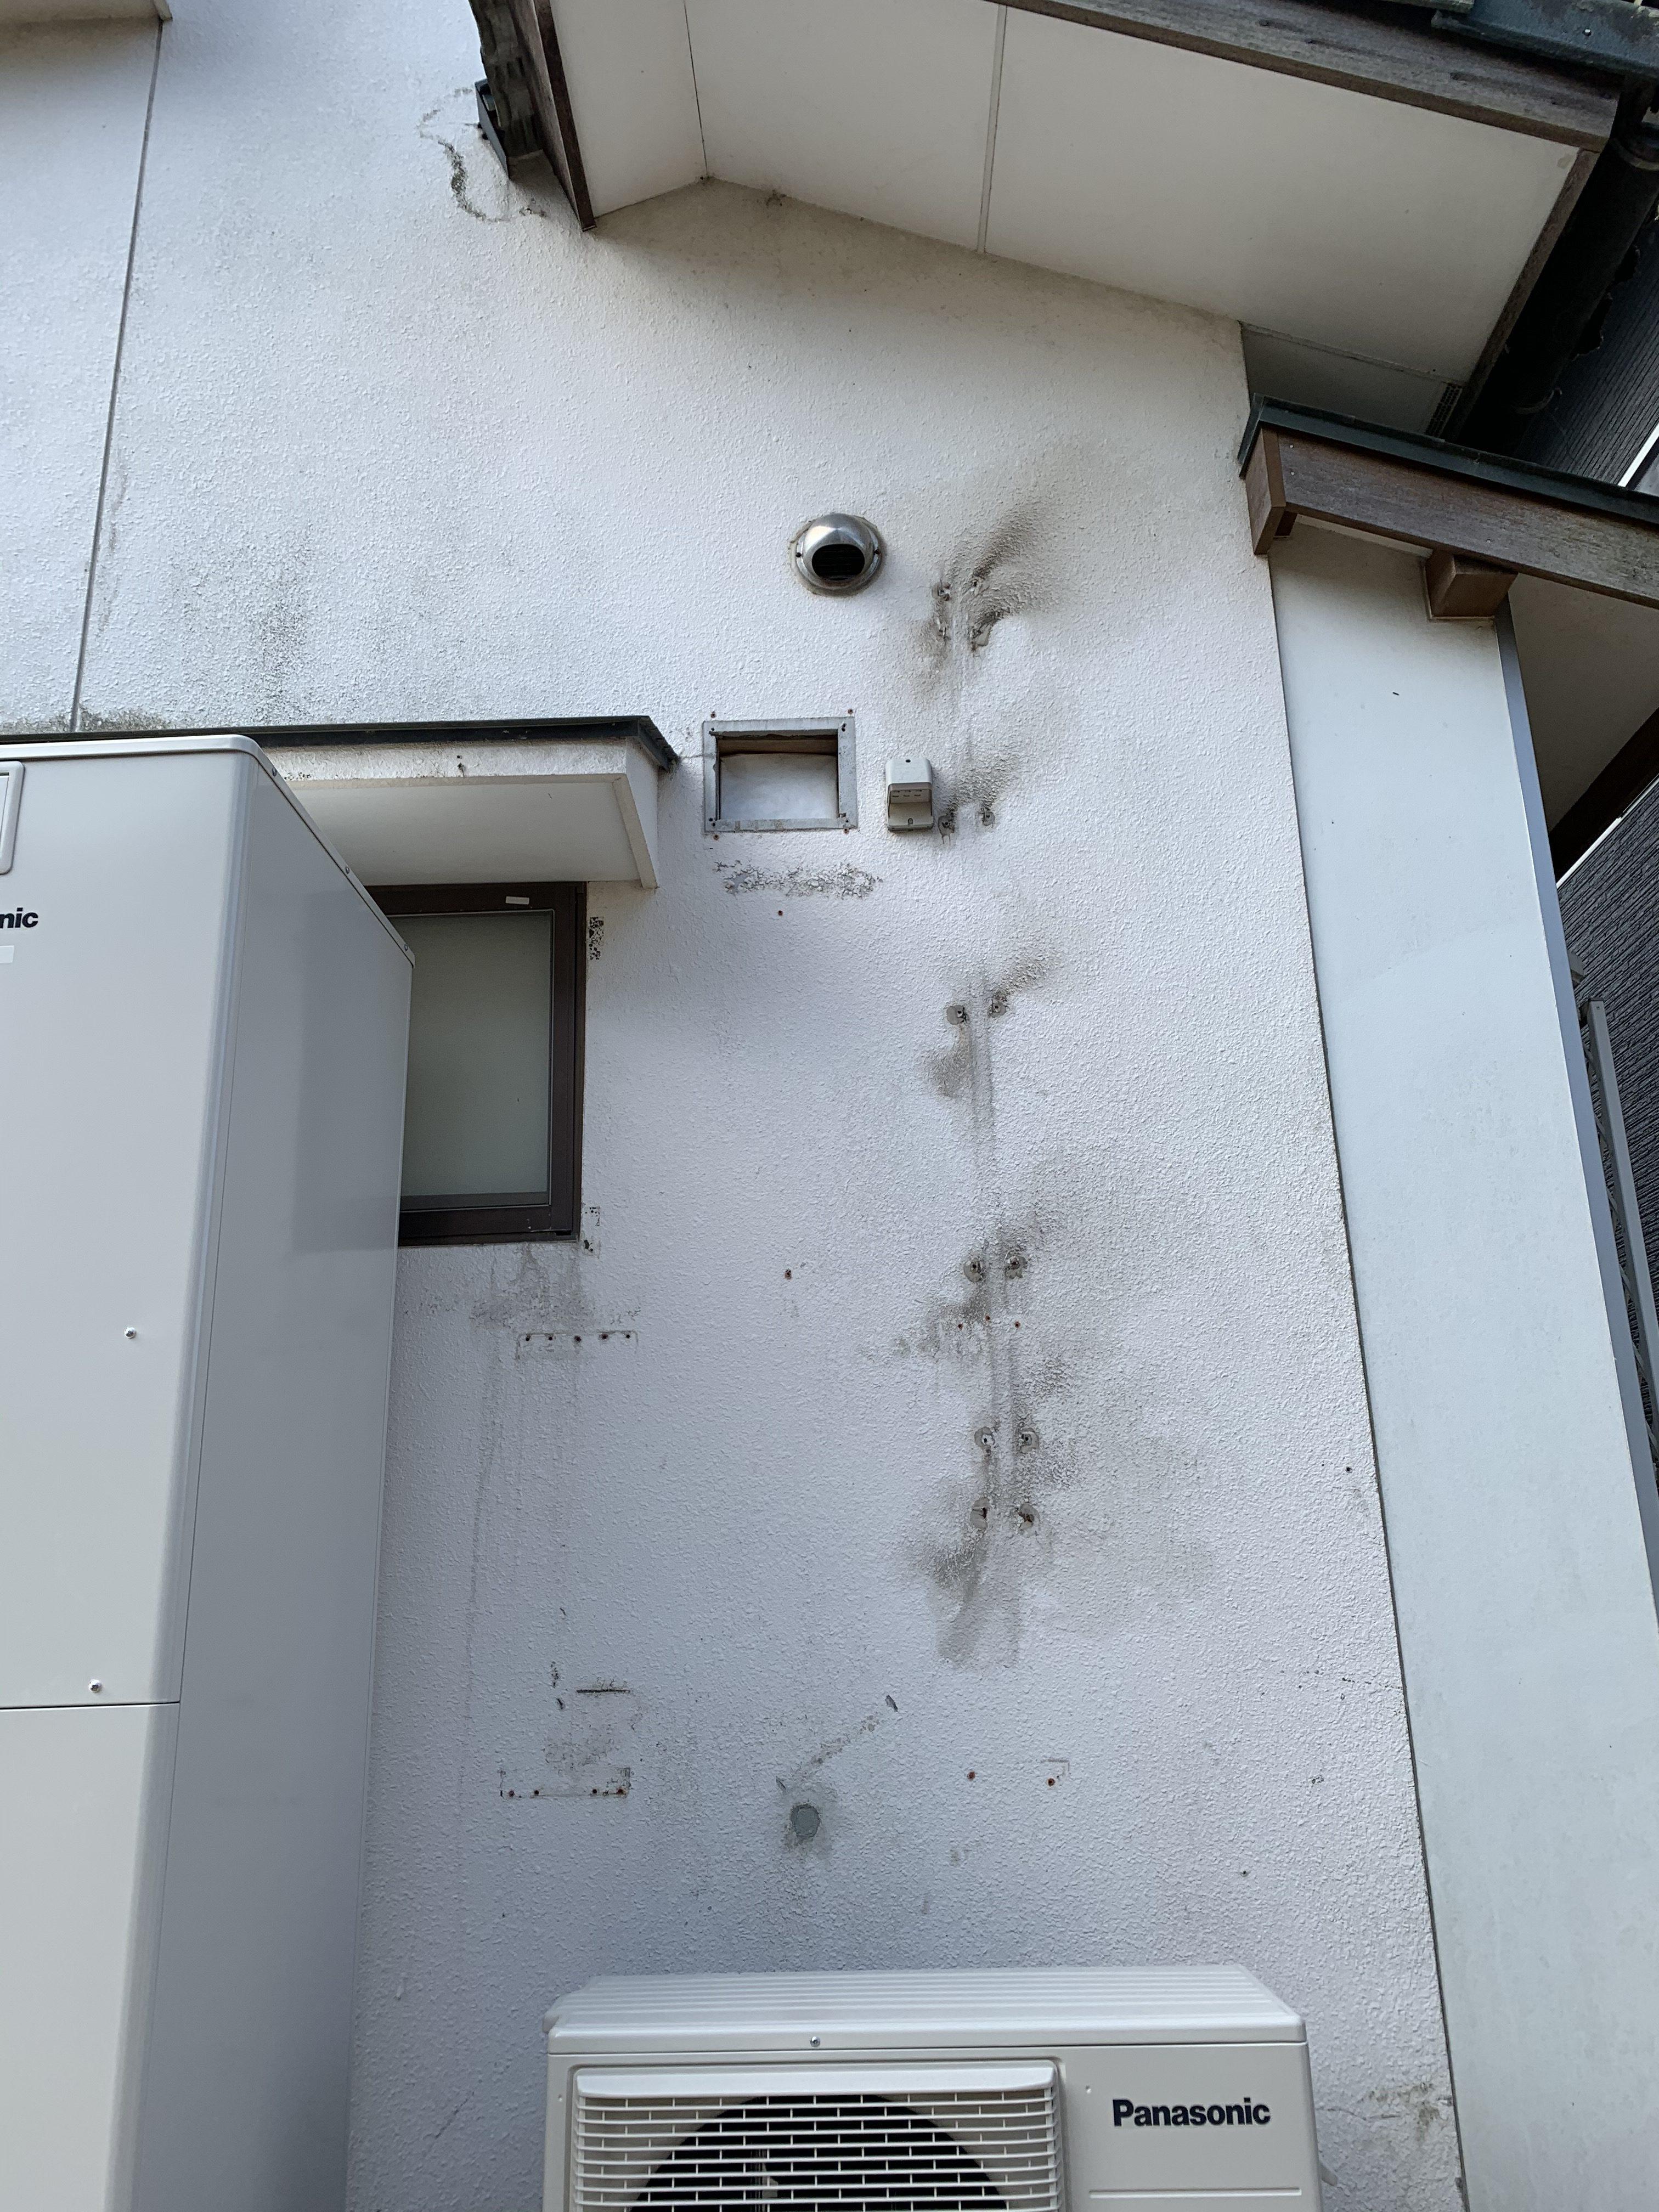 カビ汚れは高圧洗浄で、配管跡や剥がれなどはフィラーで補修